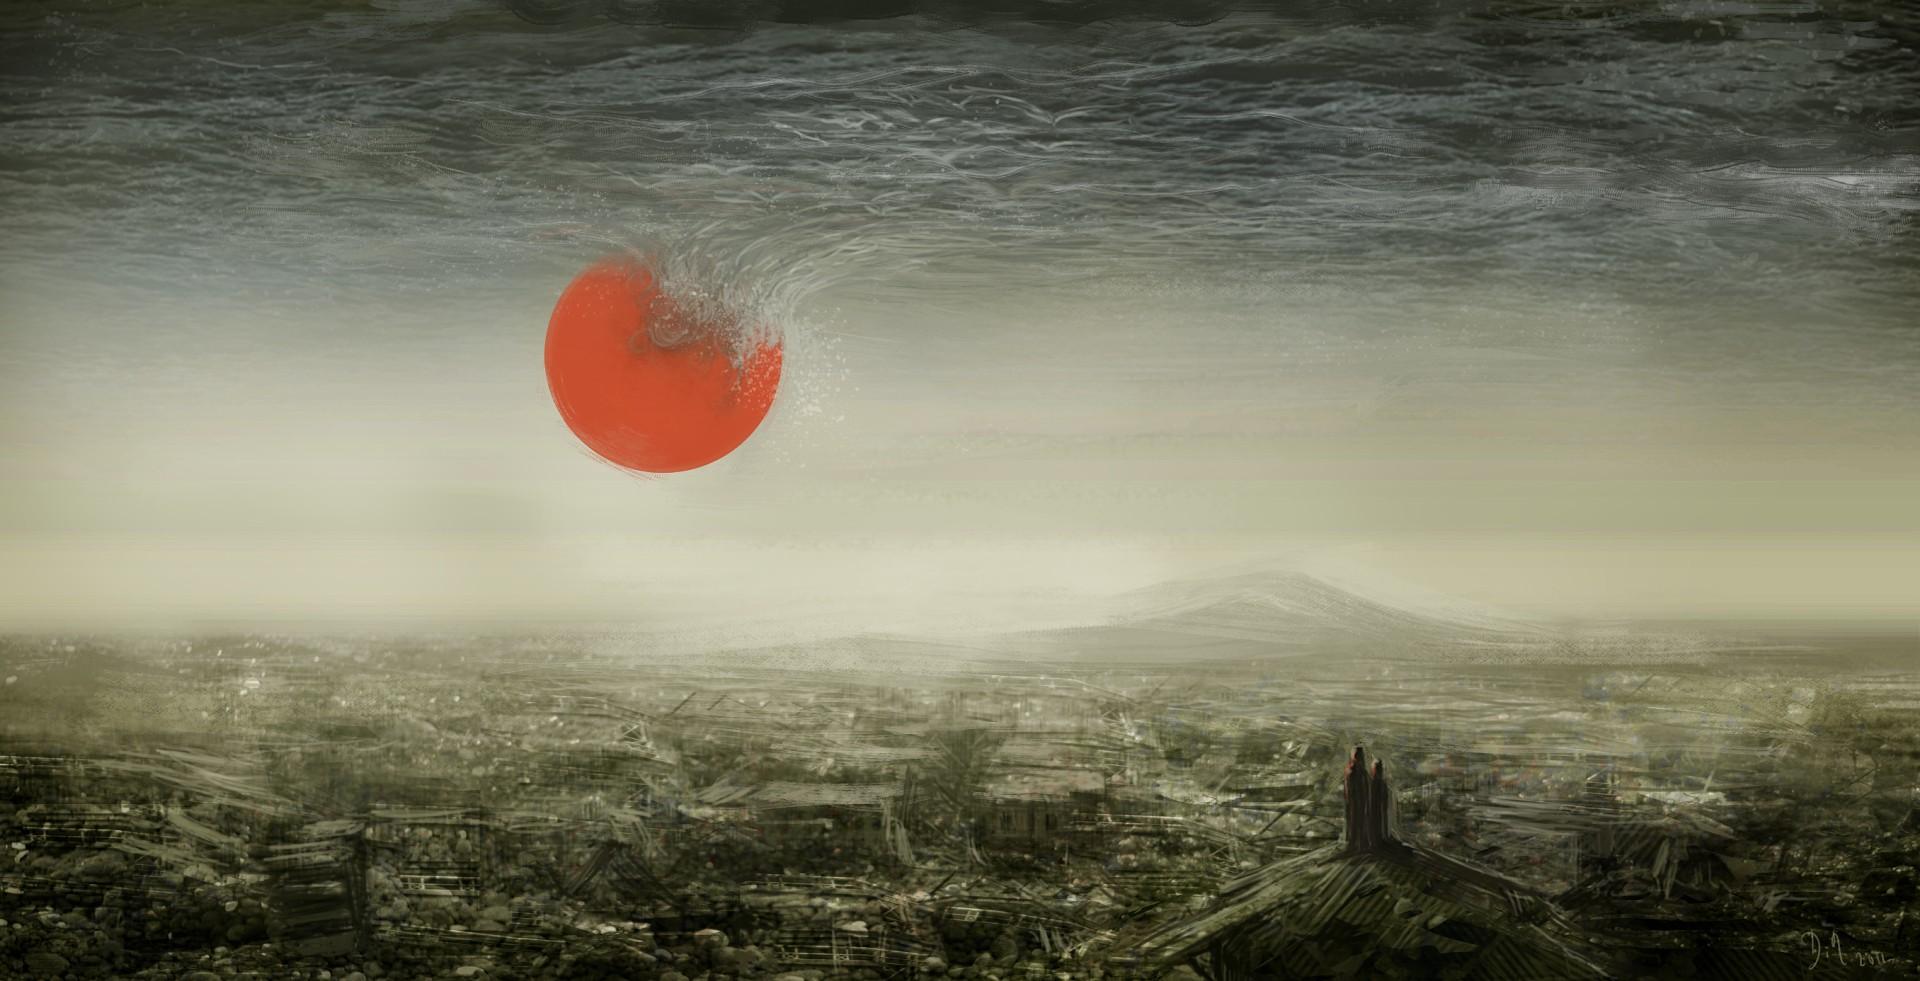 image data/images/blog/2011/03/tsunami/tsunami_deevad-max.jpg